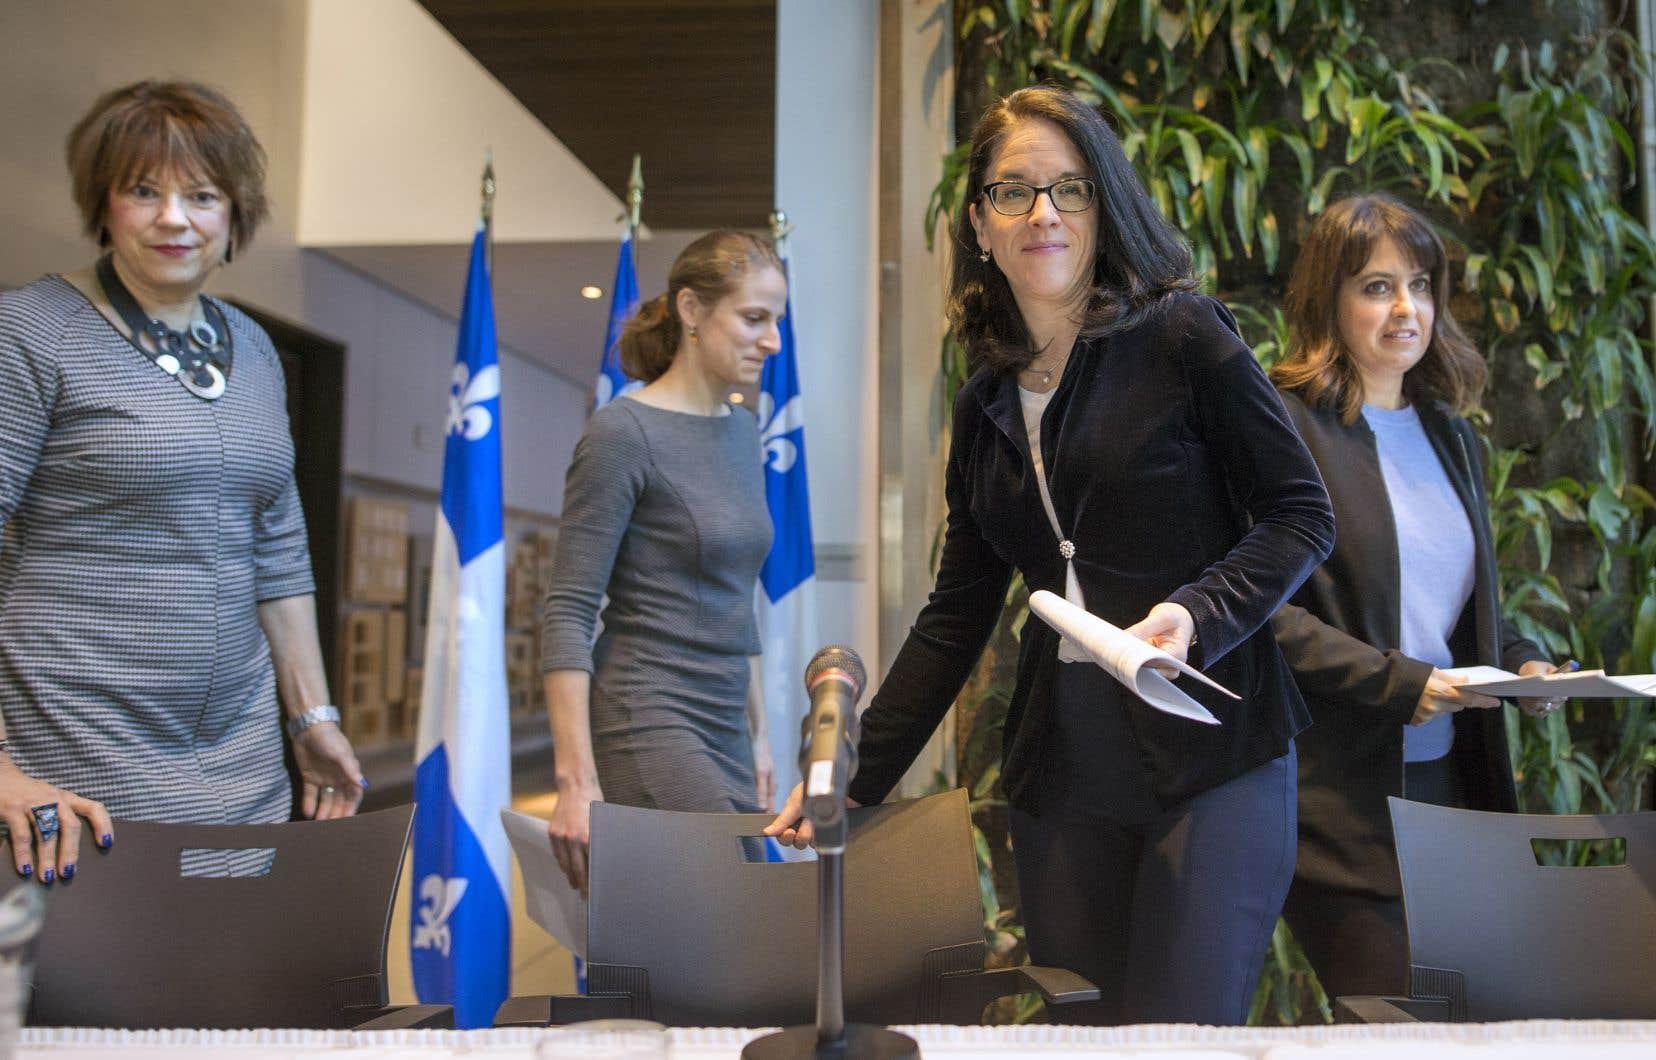 La ministre de la Justice, Sonia LeBel (au centre), était accompagnée d'Hélène David, du Parti libéral du Québec, de Christine Labrie, de Québec solidaire, et de Véronique Hivon, du Parti québécois, lors de l'annonce transpartisane de la mise en place d'un comité d'experts.